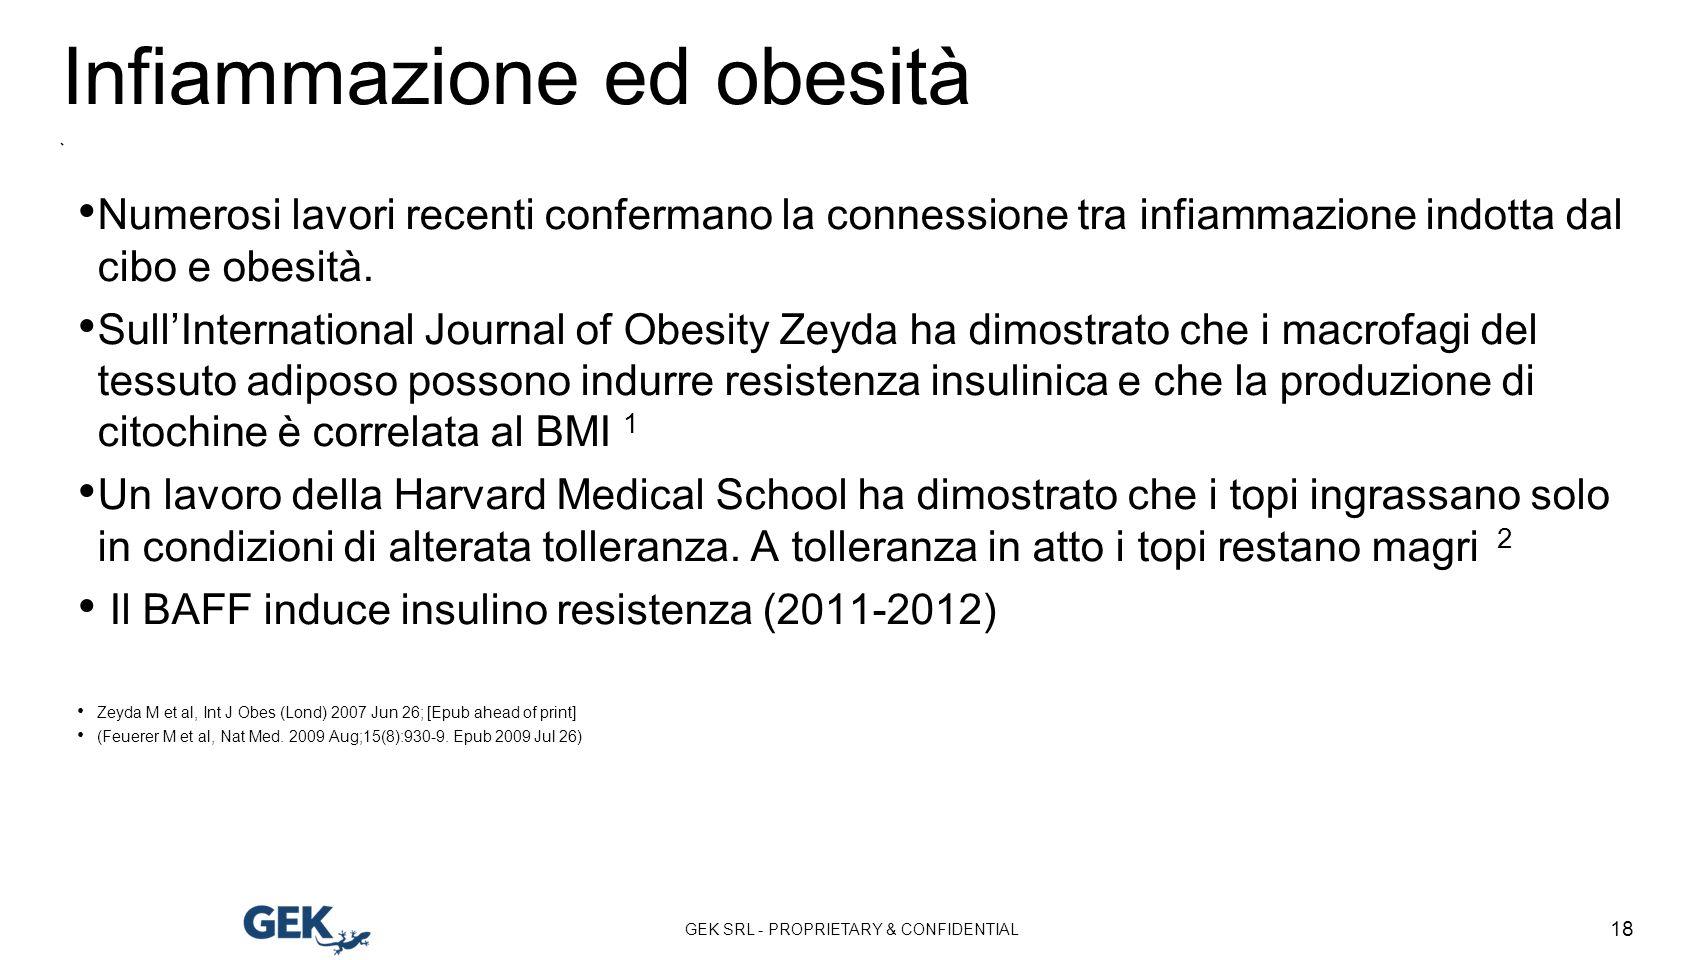 Infiammazione ed obesità